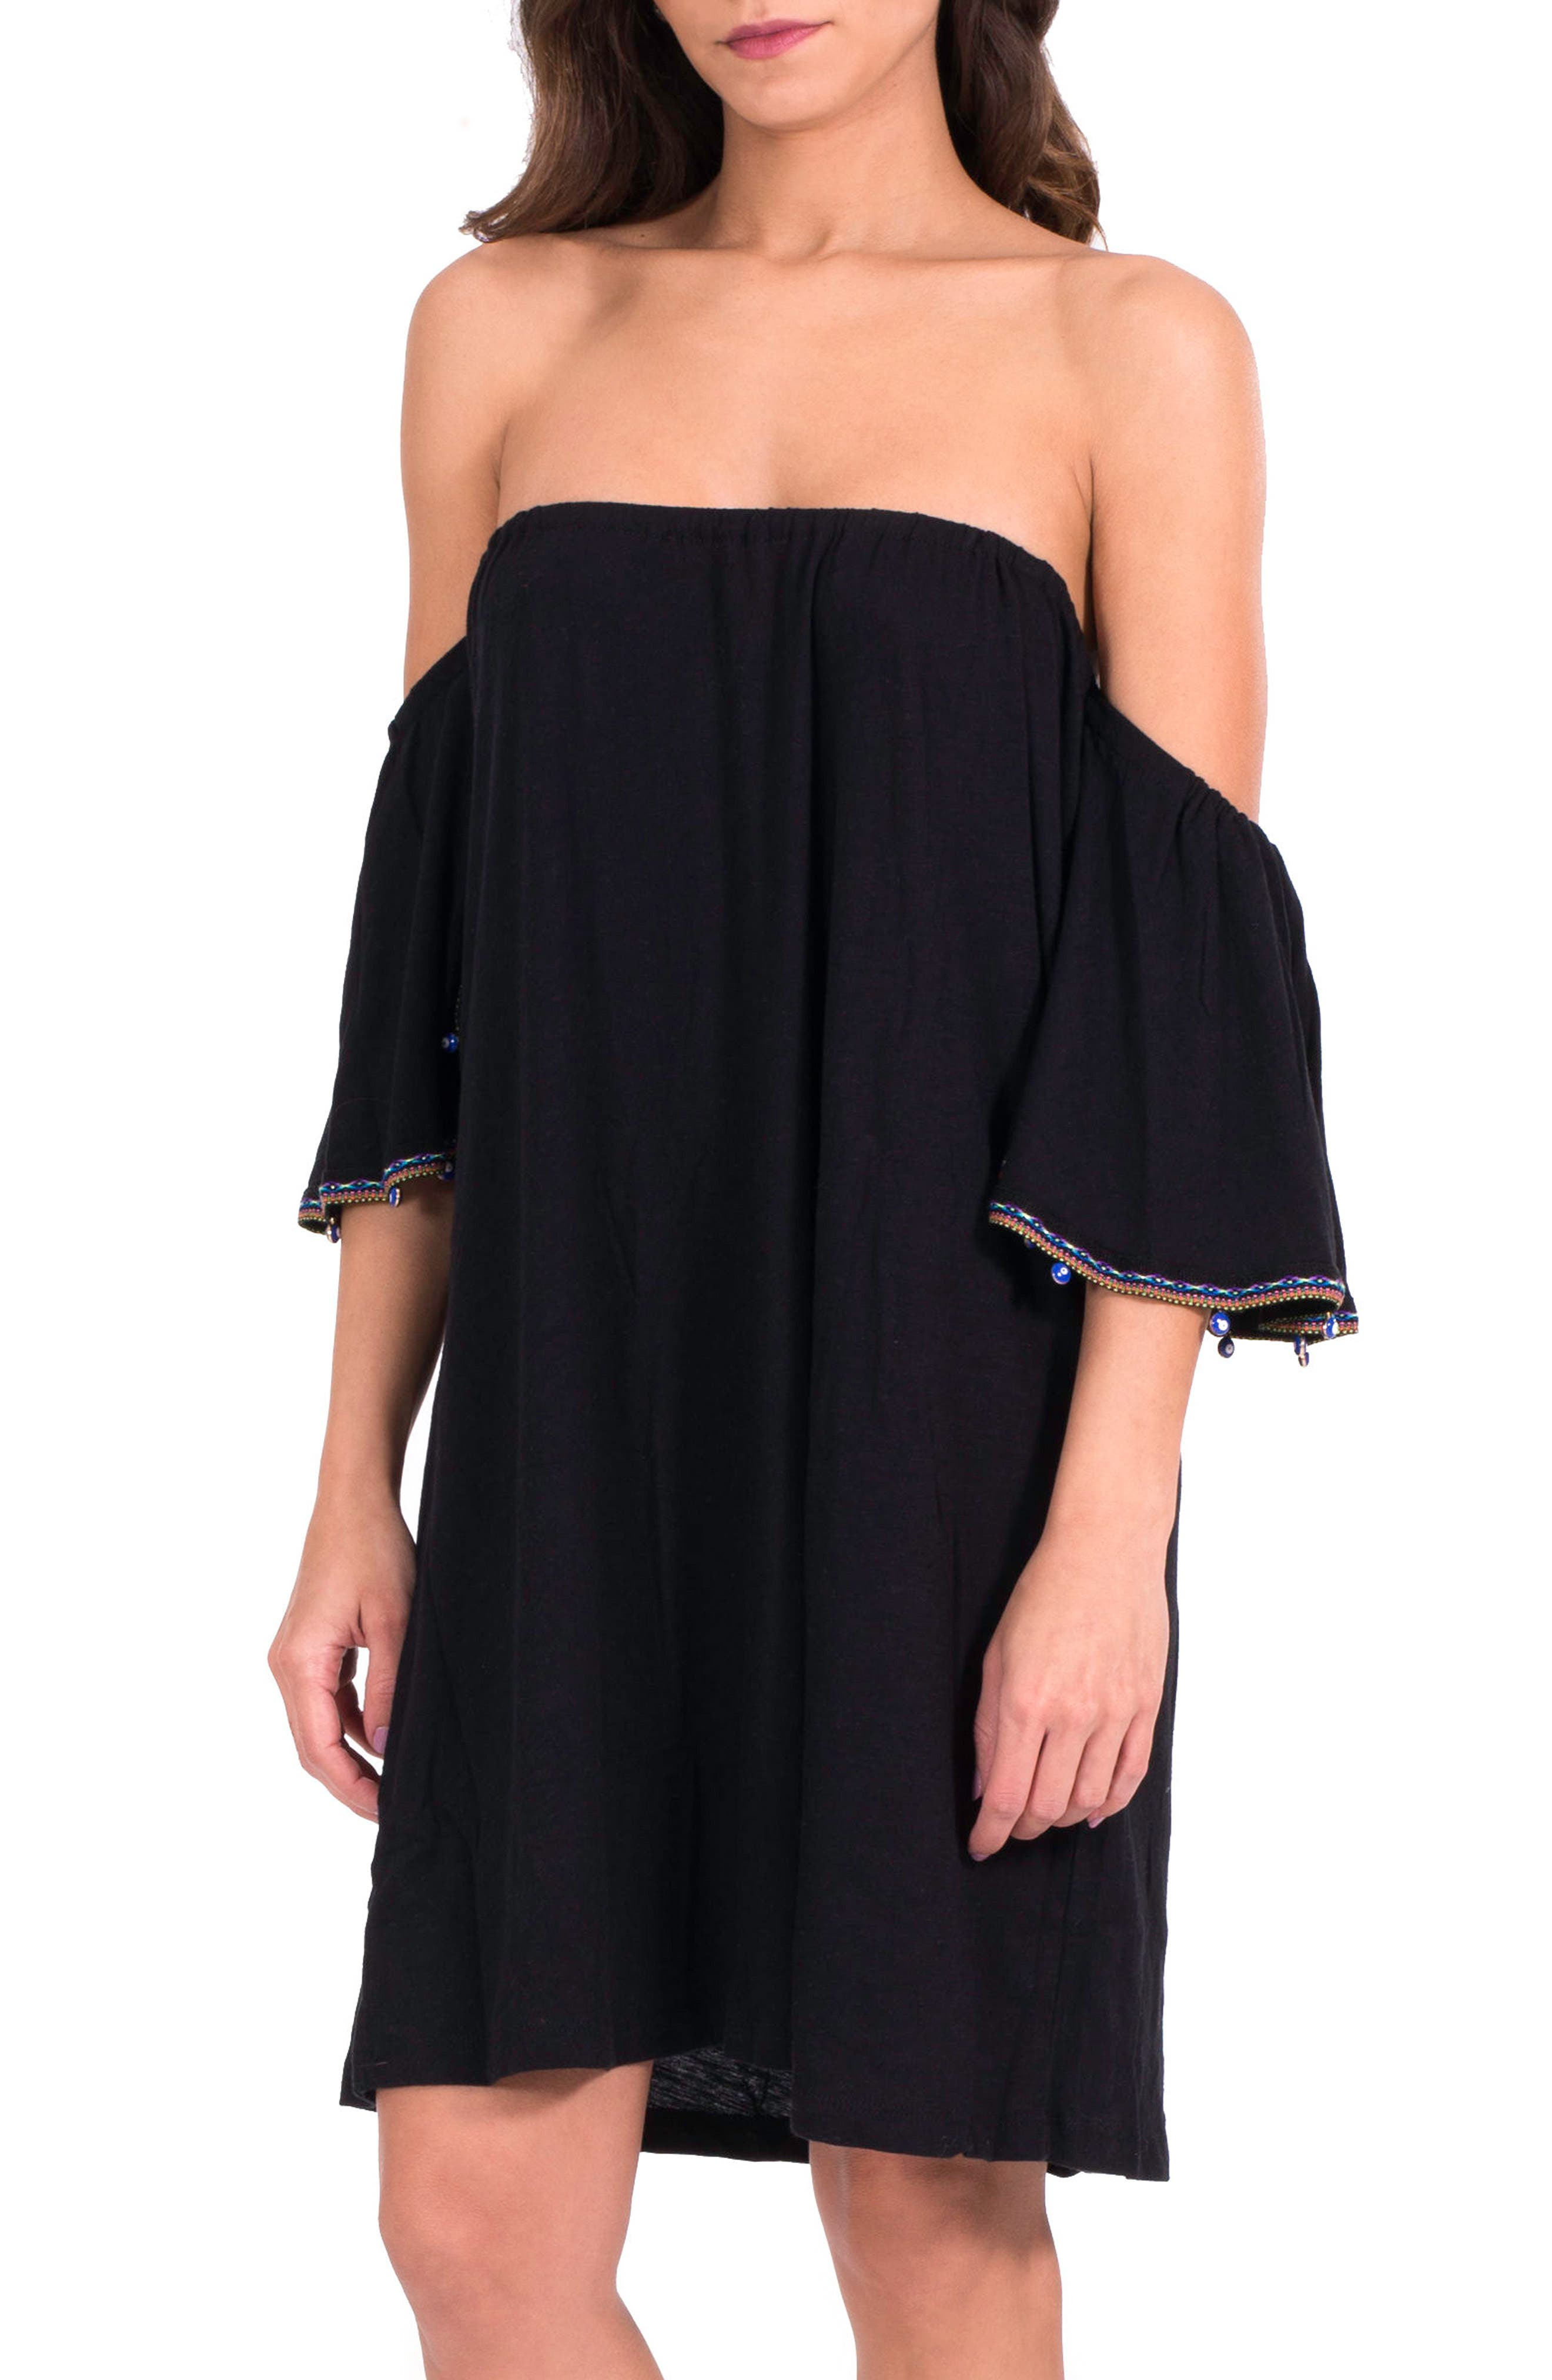 PITUSA Salsa Off the Shoulder Cover-Up Dress